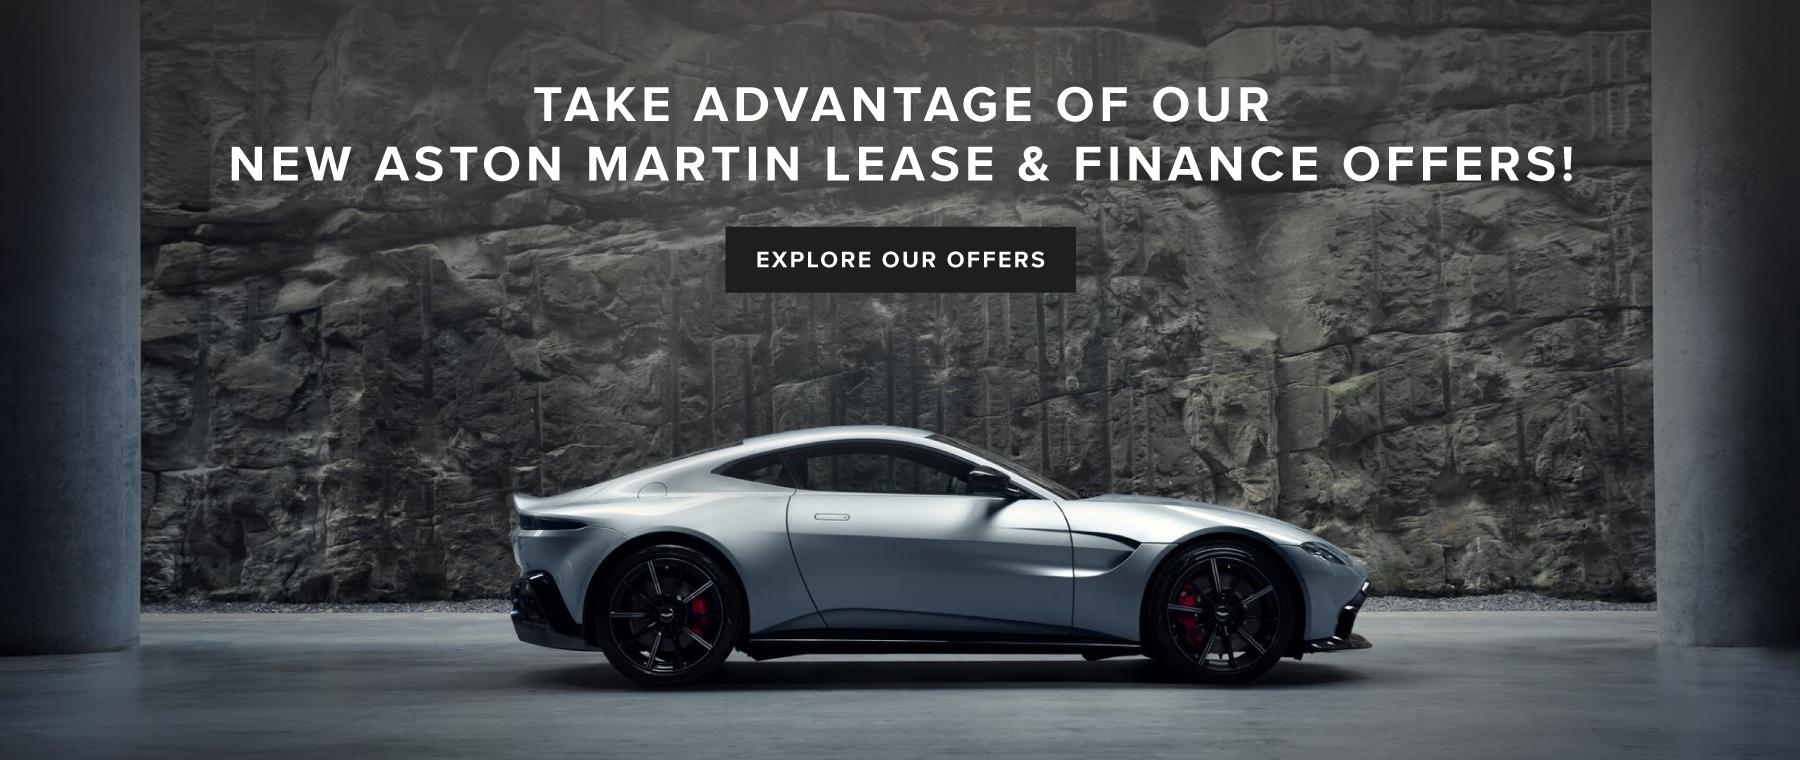 Morrie S Ultra Luxury Auto Luxury Car Dealer In Minneapolis